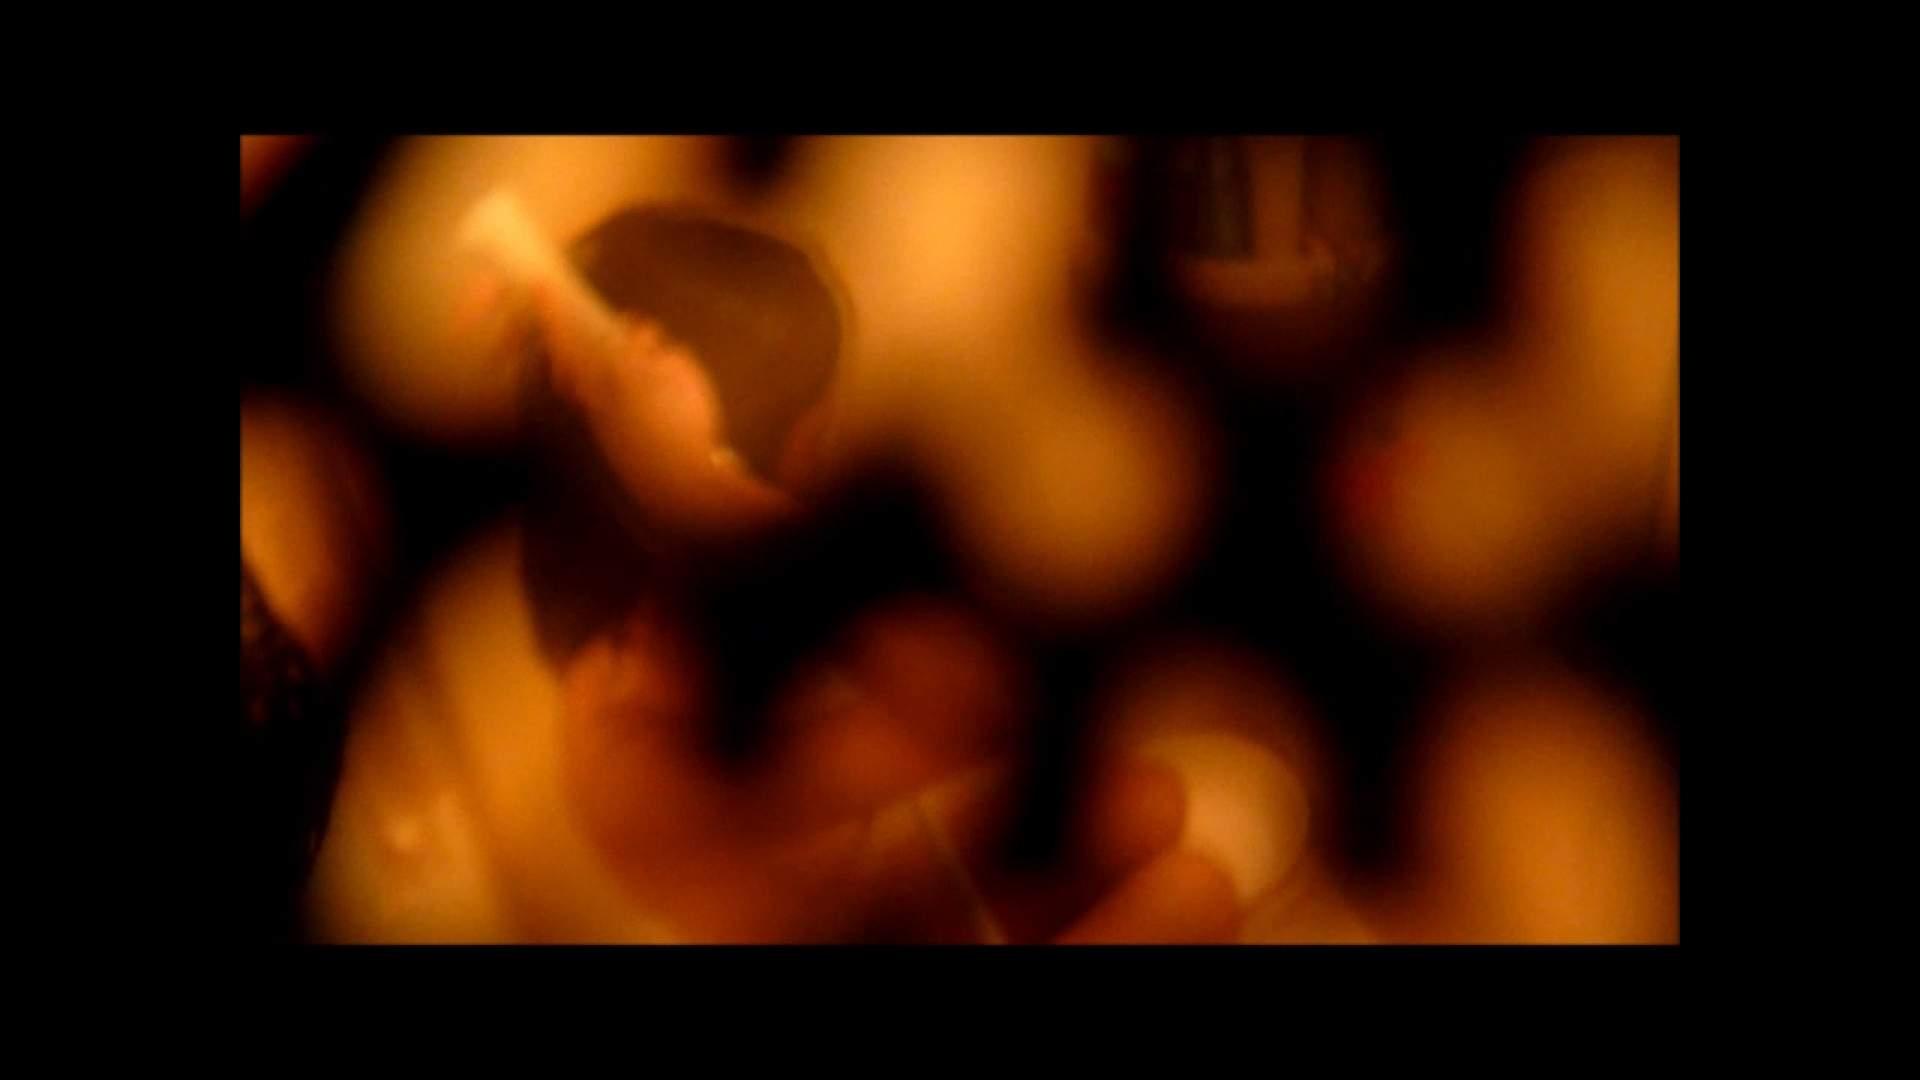 【02】ベランダに侵入して張り込みを始めて・・・やっと結果が出ました。 覗き ヌード画像 79pic 64